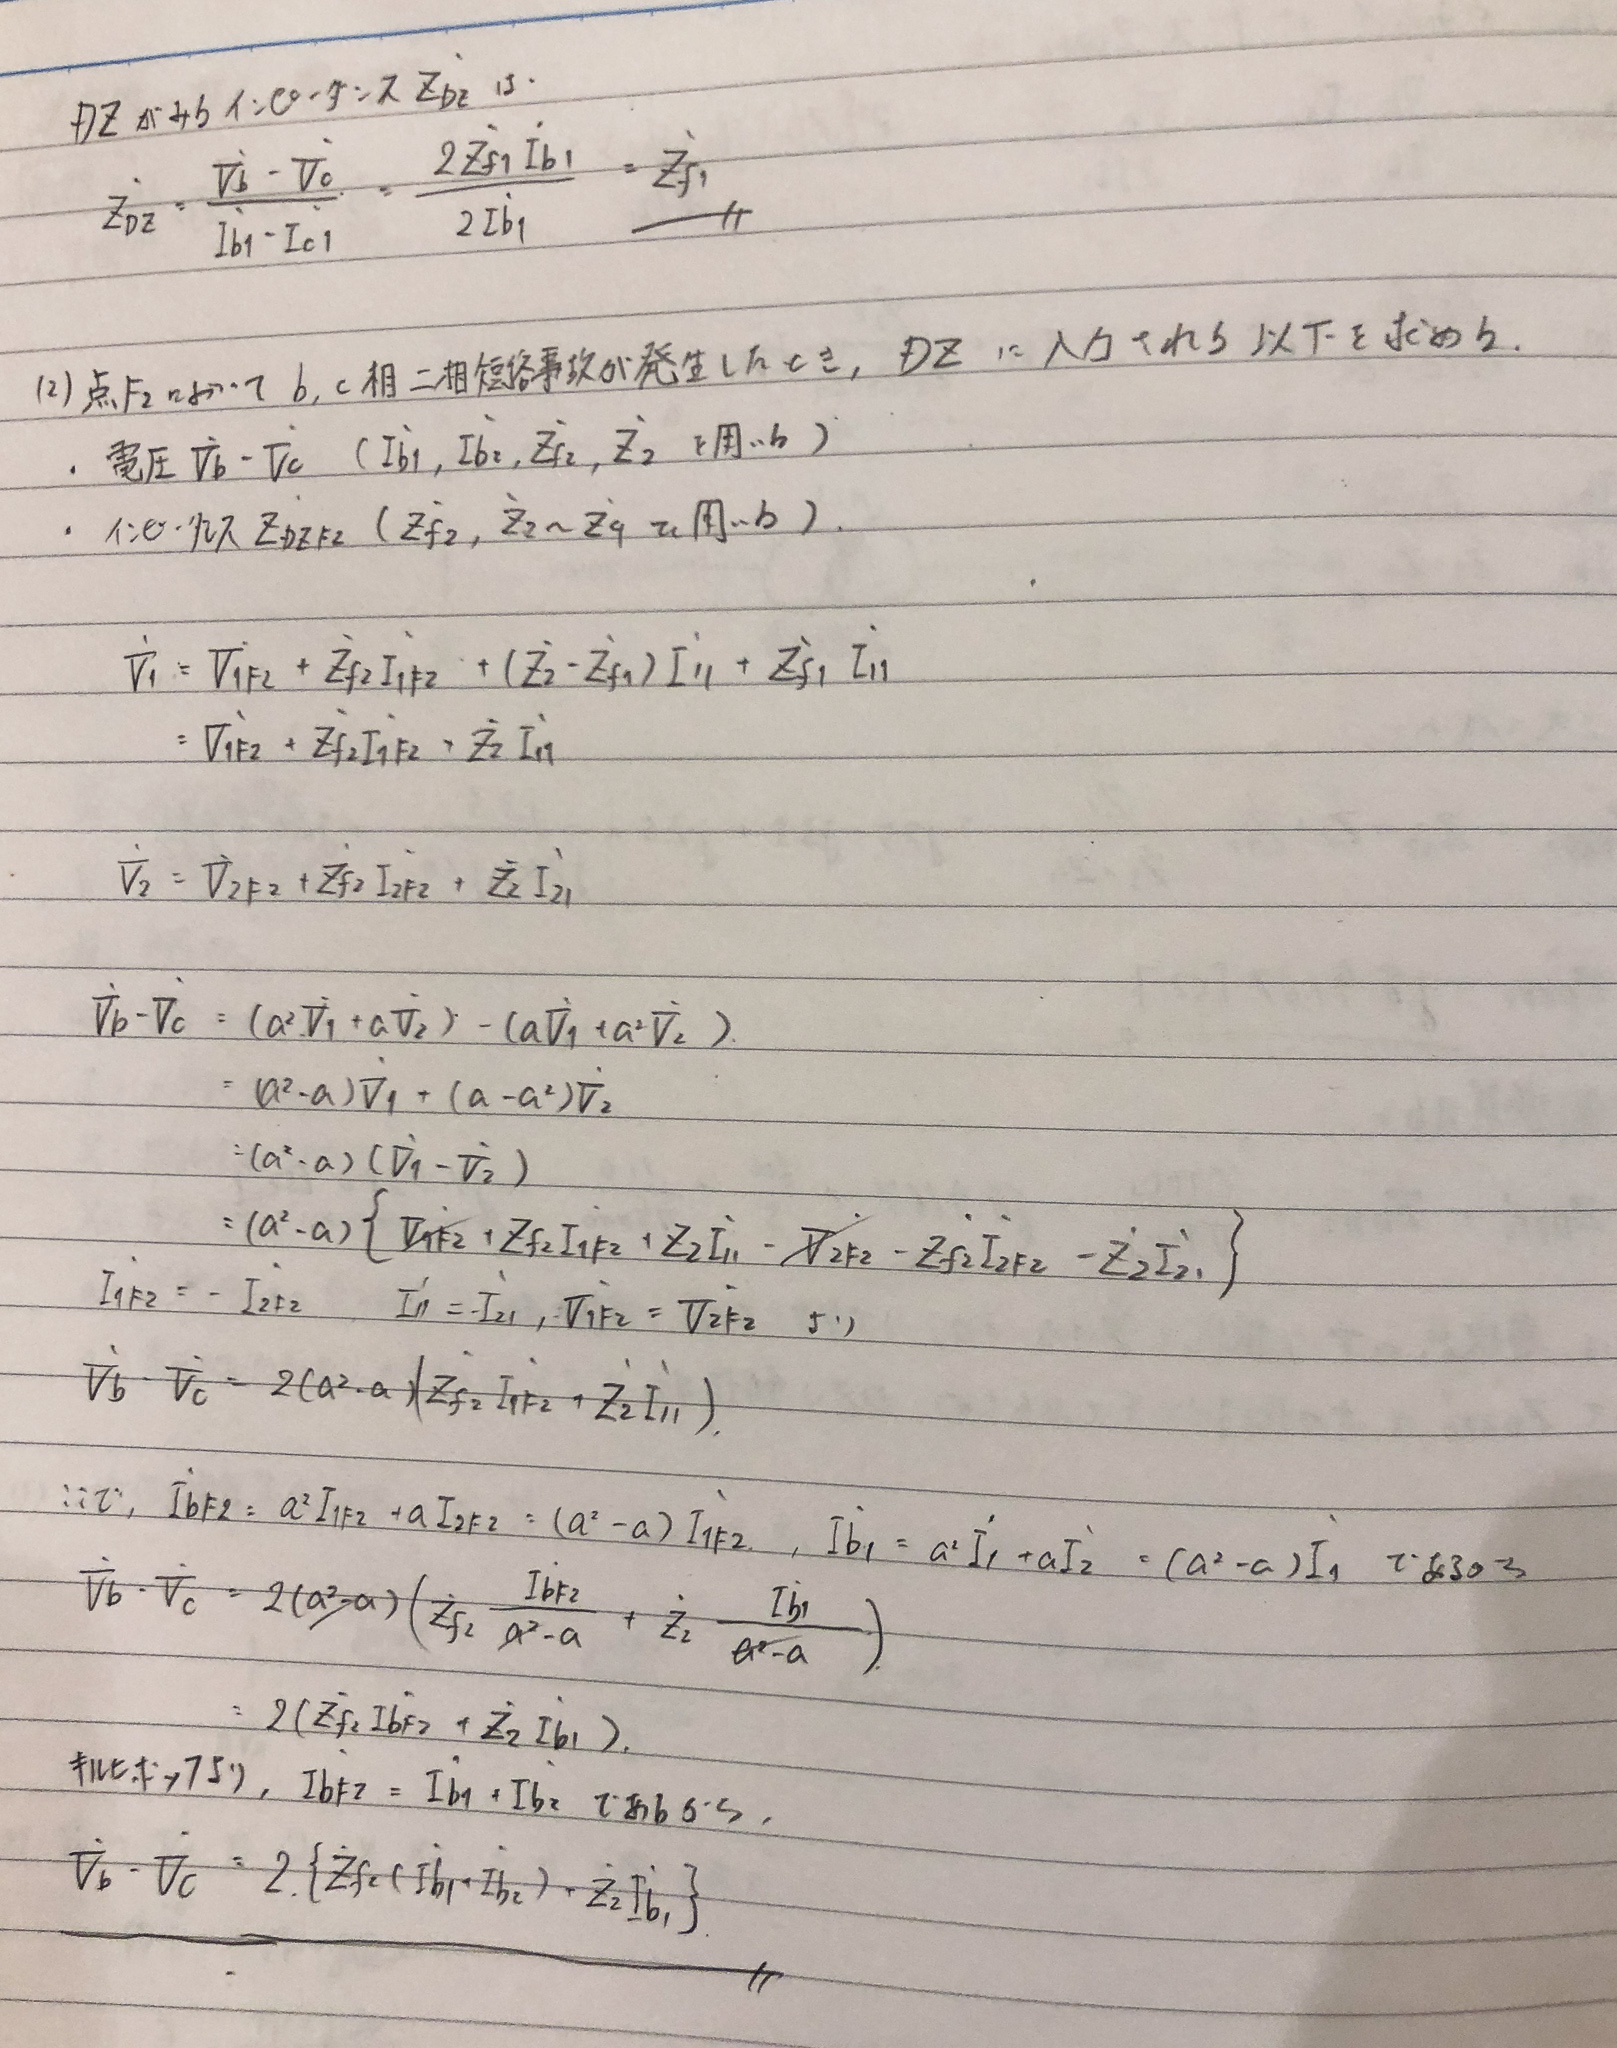 二次試験問題ノート3